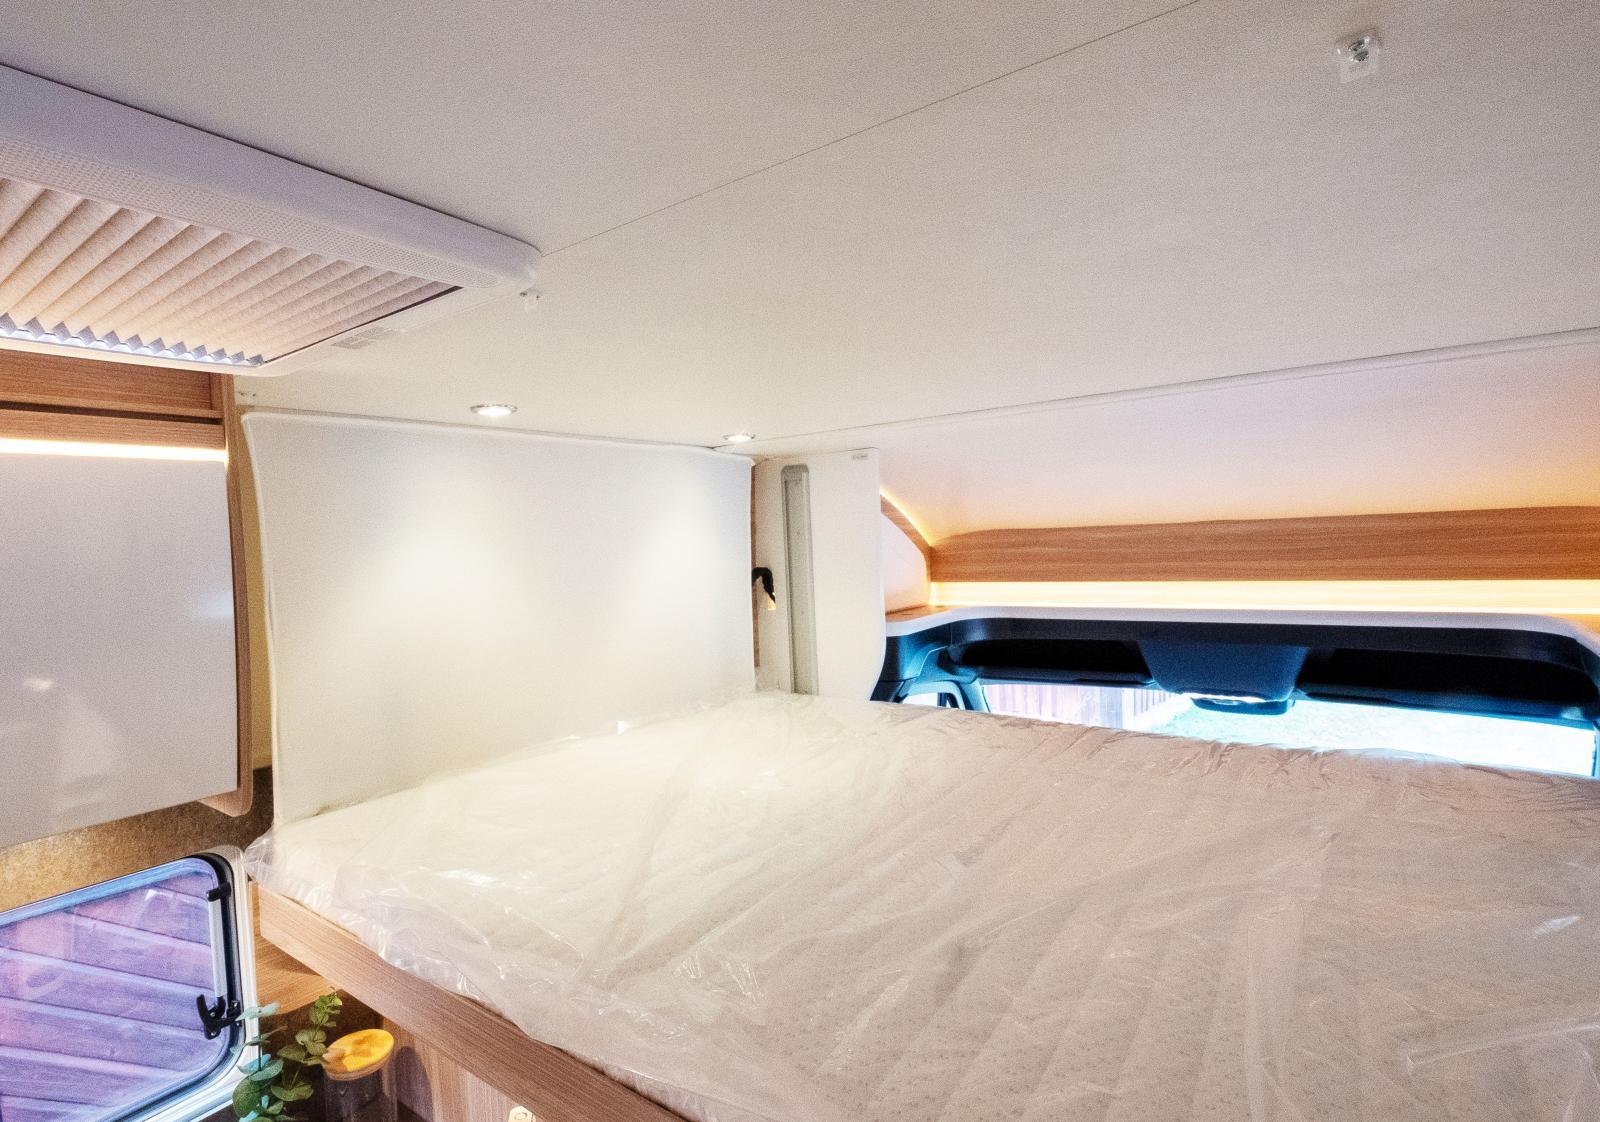 Taksängen i bilen är väl tilltagen och det är inte ovanligt att ett par väljer att använda varsin säng, då är de riktigt rymliga.